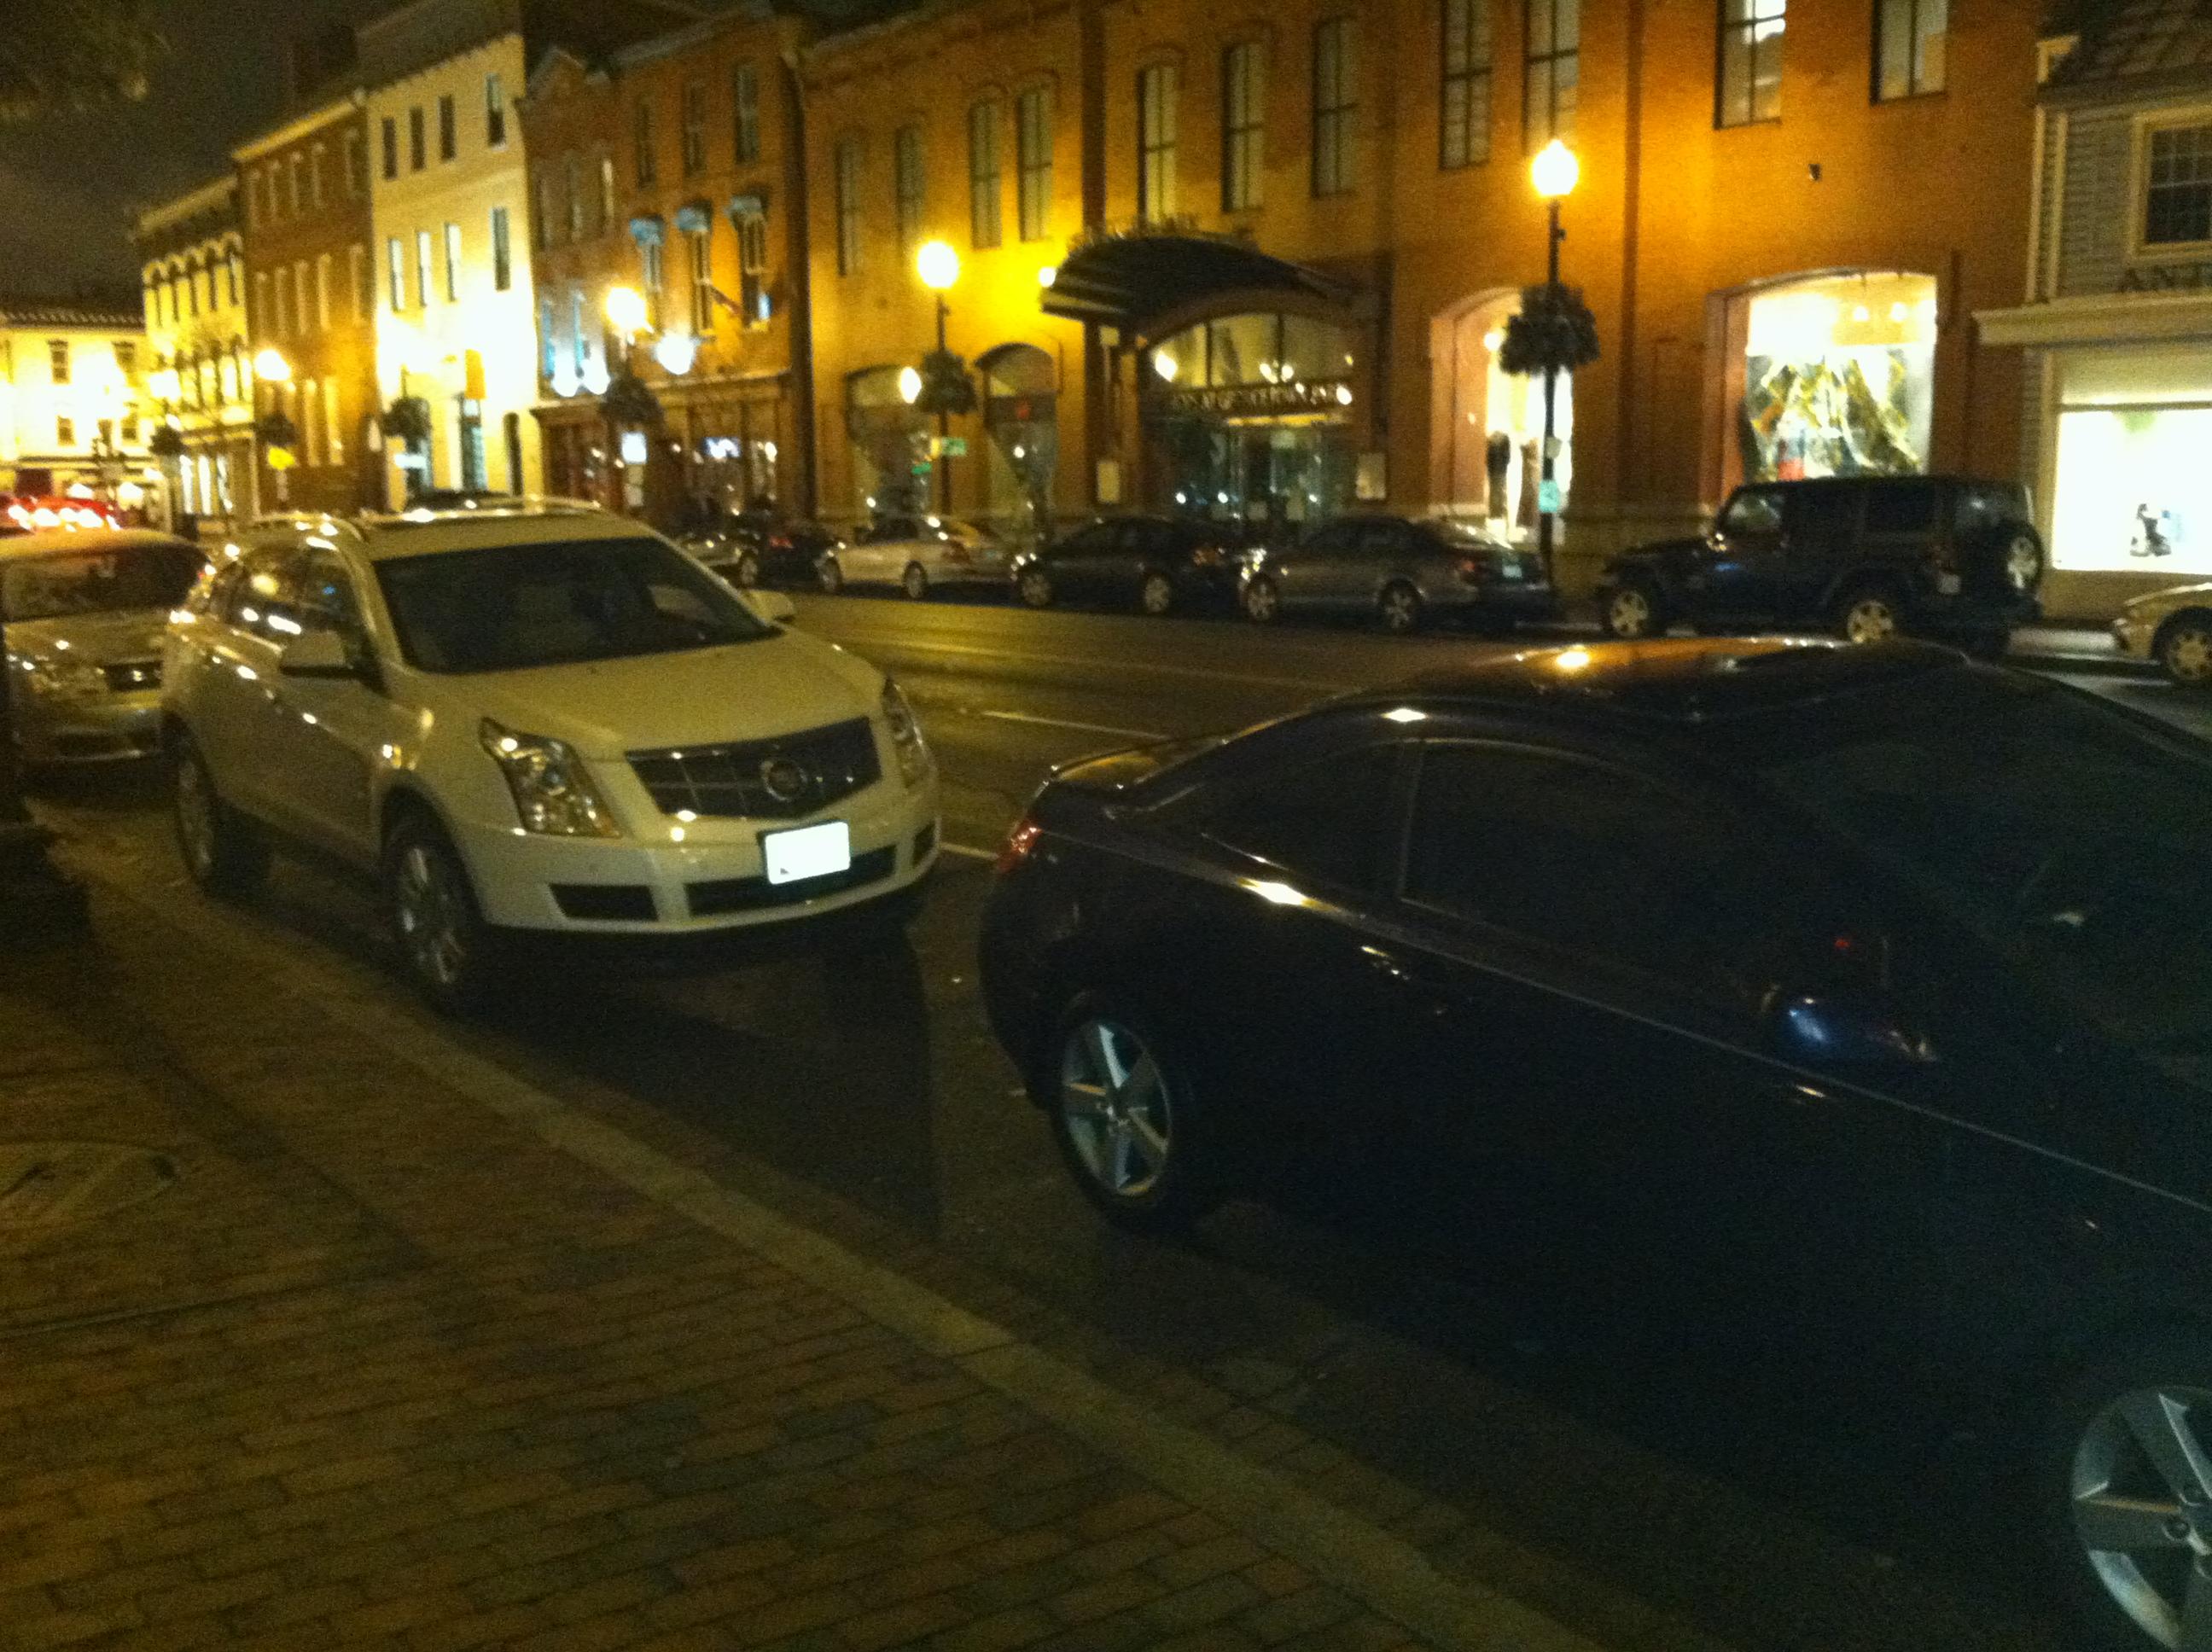 Higher parking rates debated for Georgetown, Adams Morgan